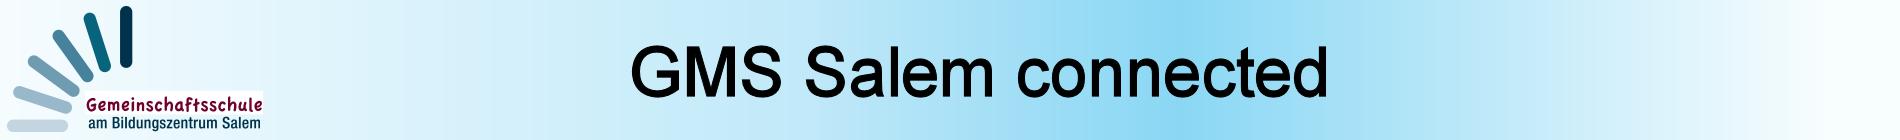 GMS Salem connected